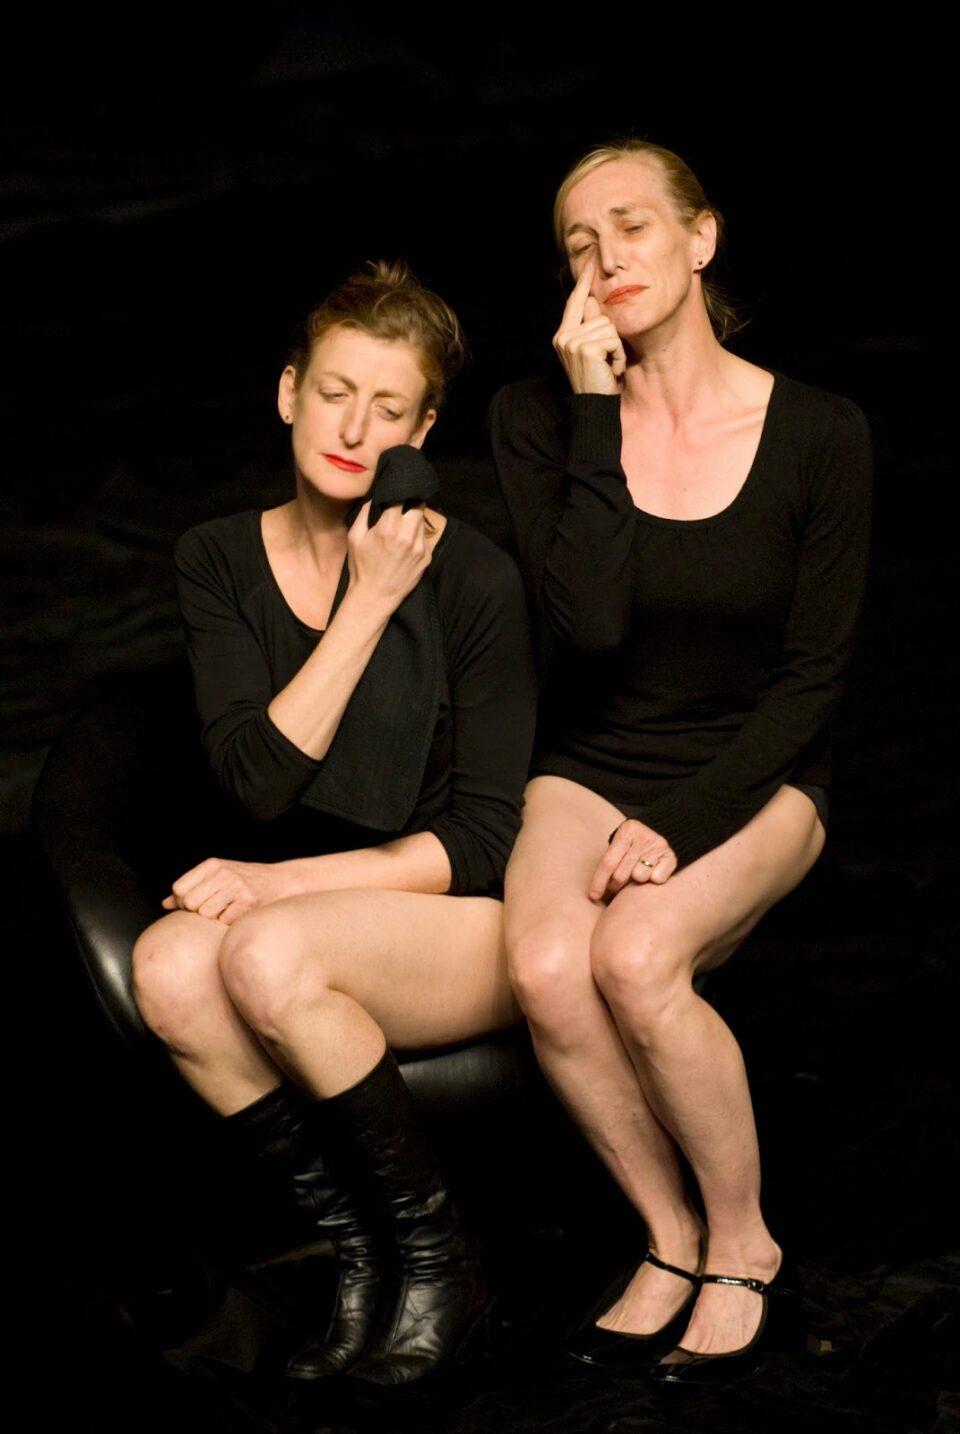 Gustavia: duo burlesque, par Robert Boisclair, Blogue Les enfants du paradis